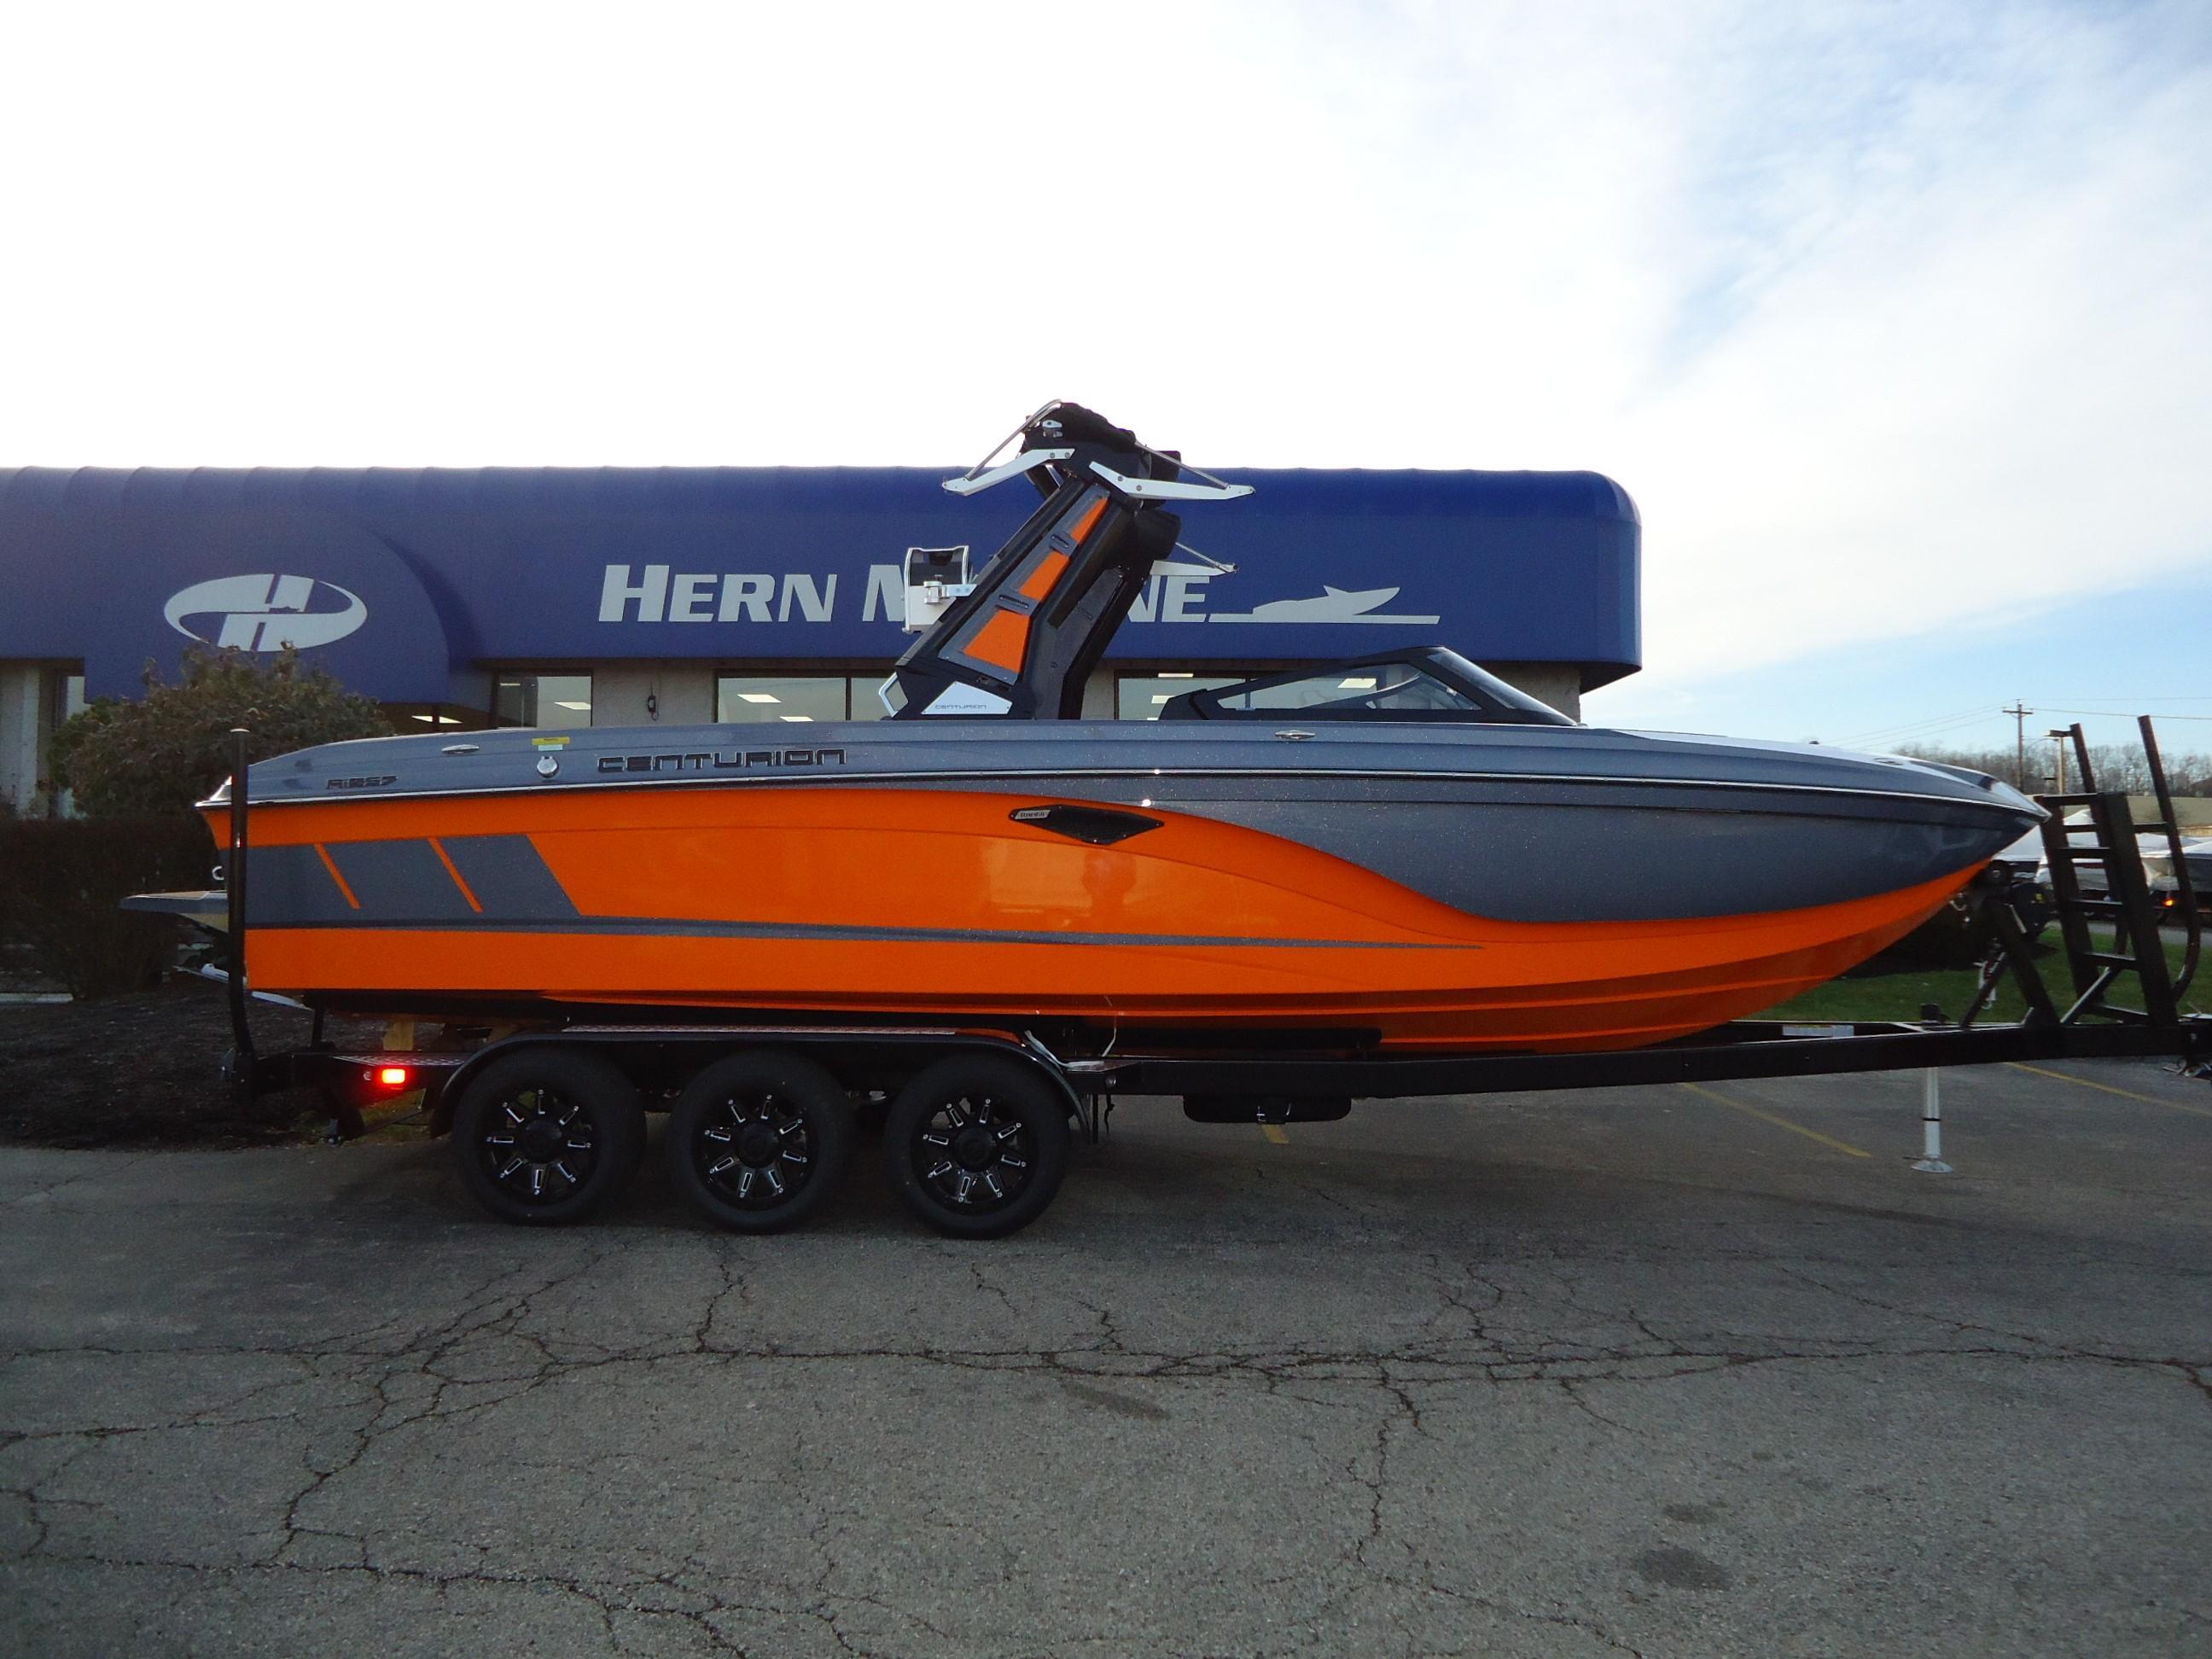 2019 Centurion Ri257 Fairfield, Ohio - Hern Marine